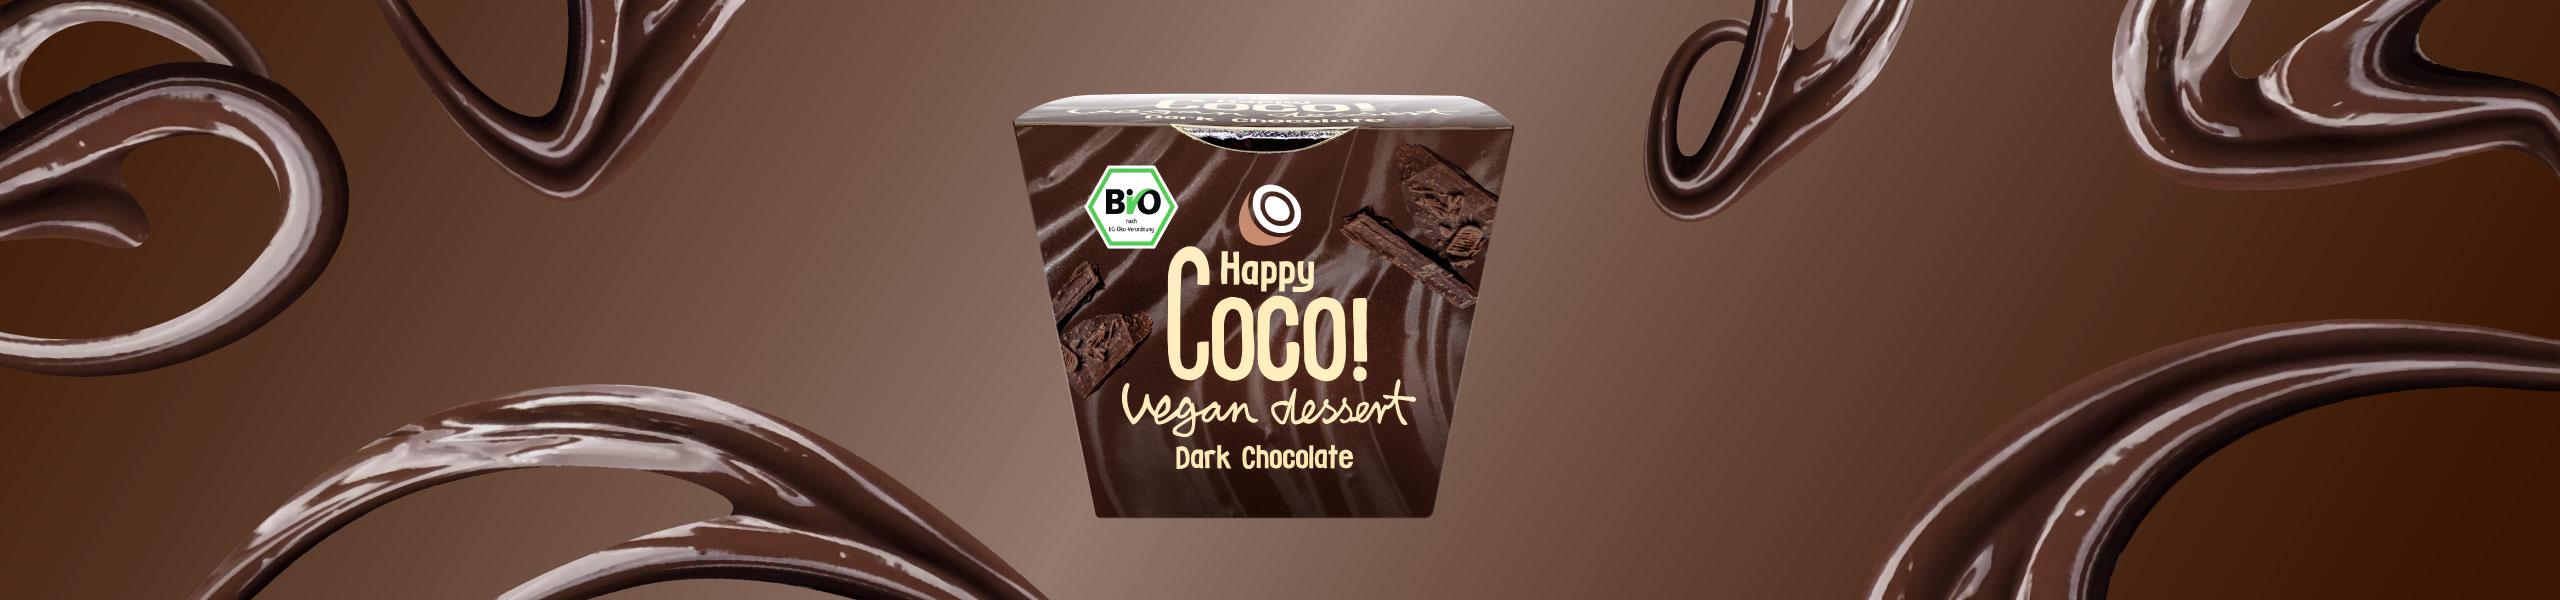 Vegan-Dark-Chocolate-Coconut-Milk-Pudding-Mousse-au-Chocolat